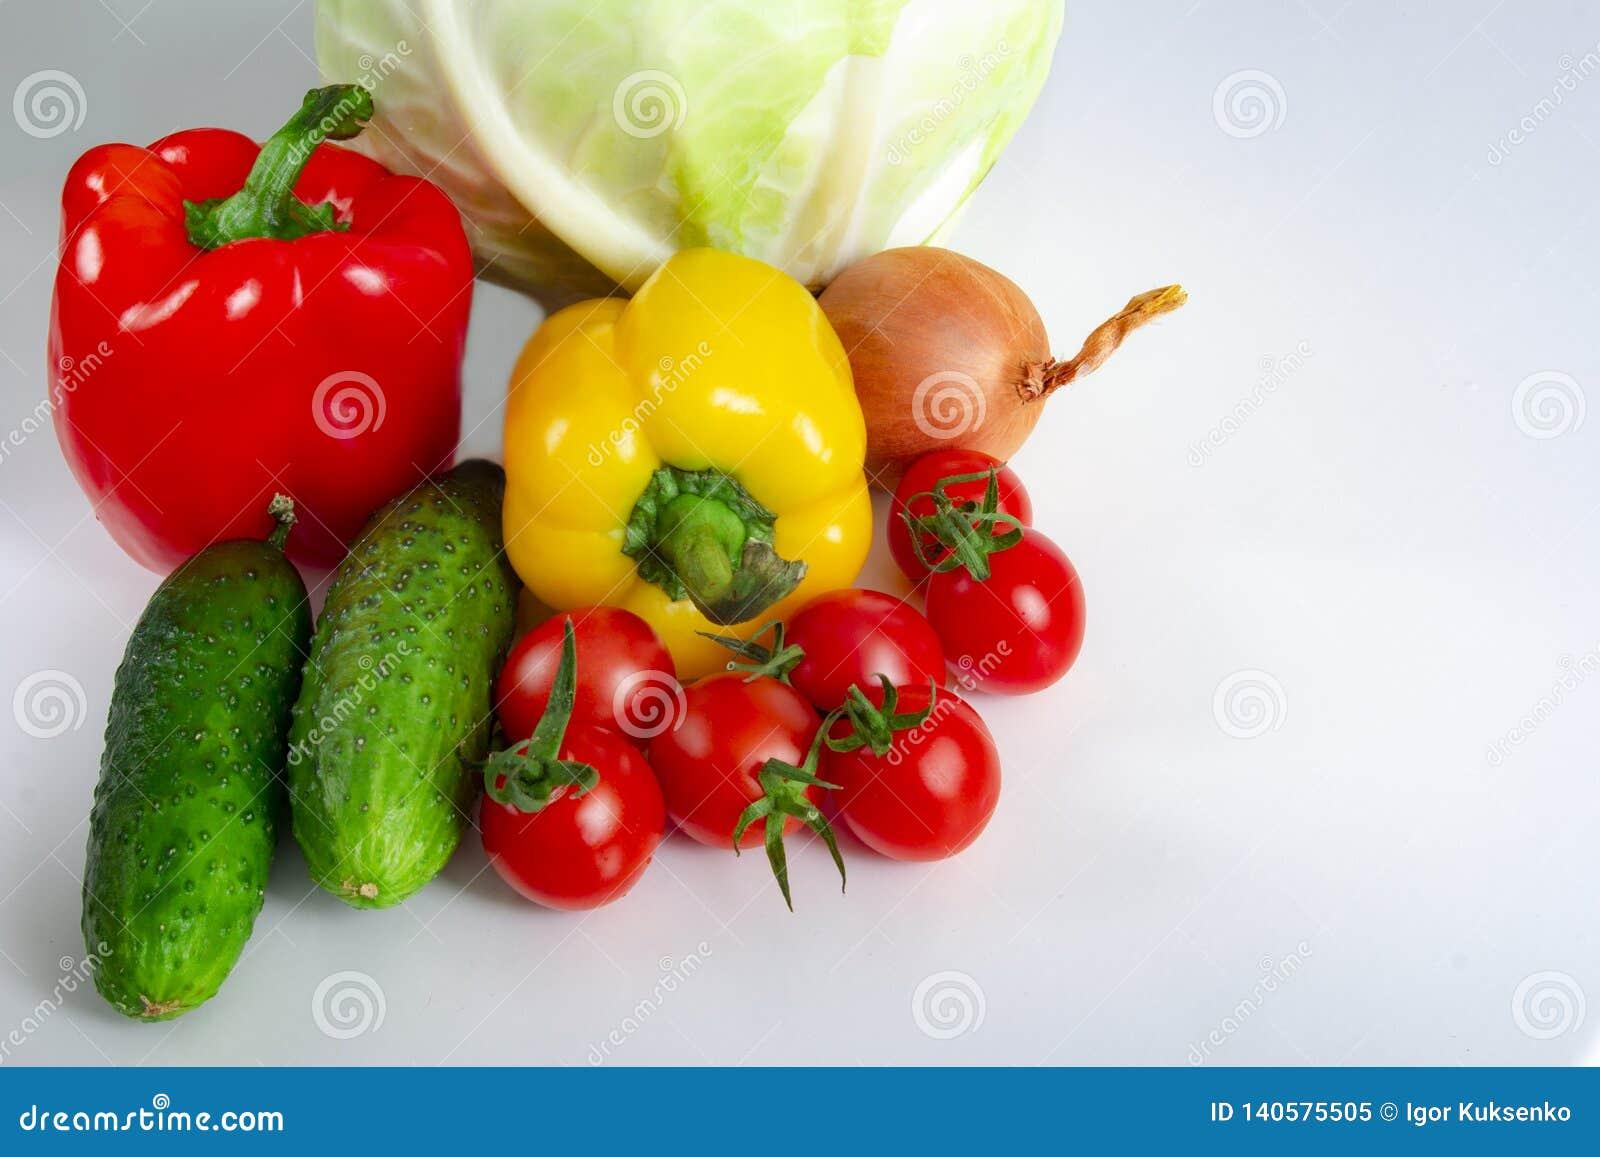 Van de de tomatenkool van de groenten Bulgaars peper de komkommersuien en knoflook op een witte achtergrond